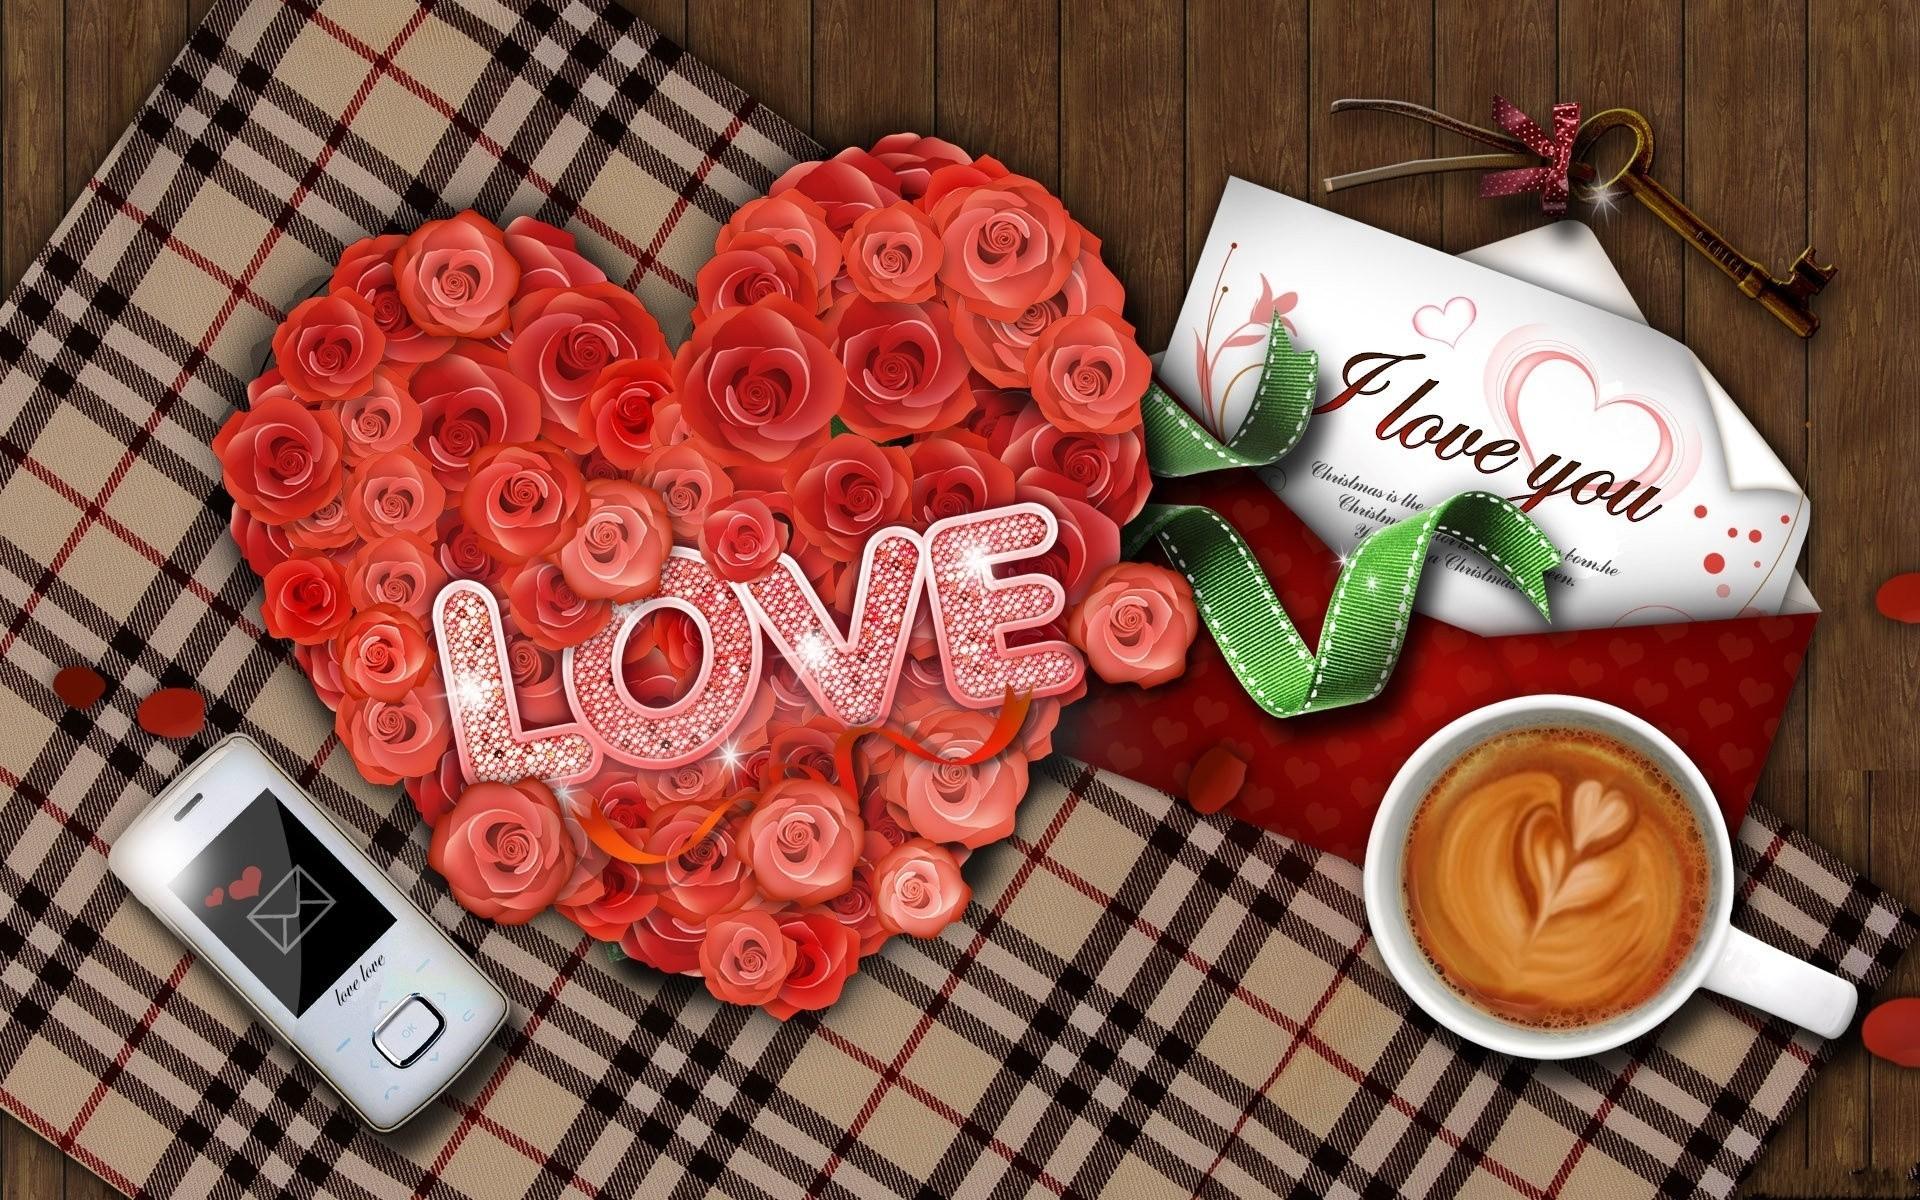 Сердечки картинки красивые розы с надписями